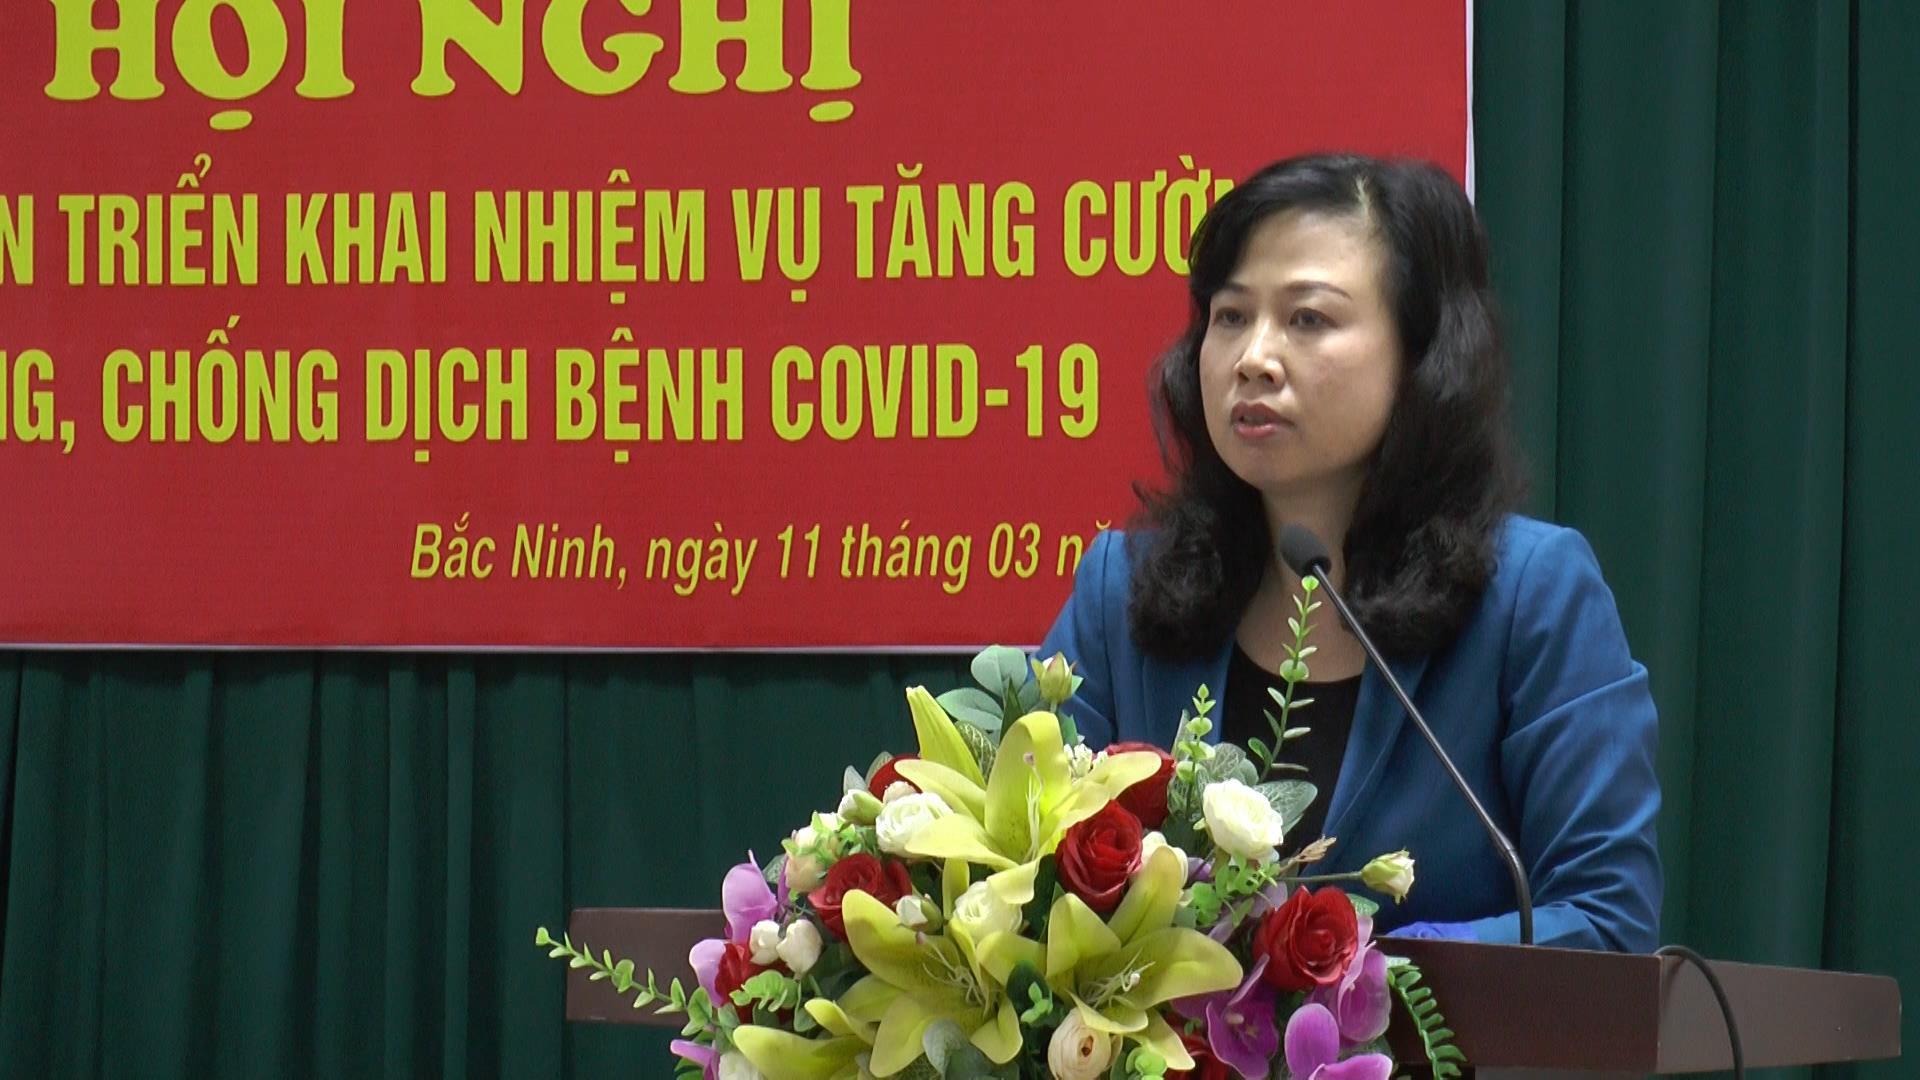 Nâng cao chất lượng kỳ họp HĐND cấp xã ở Lương Tài